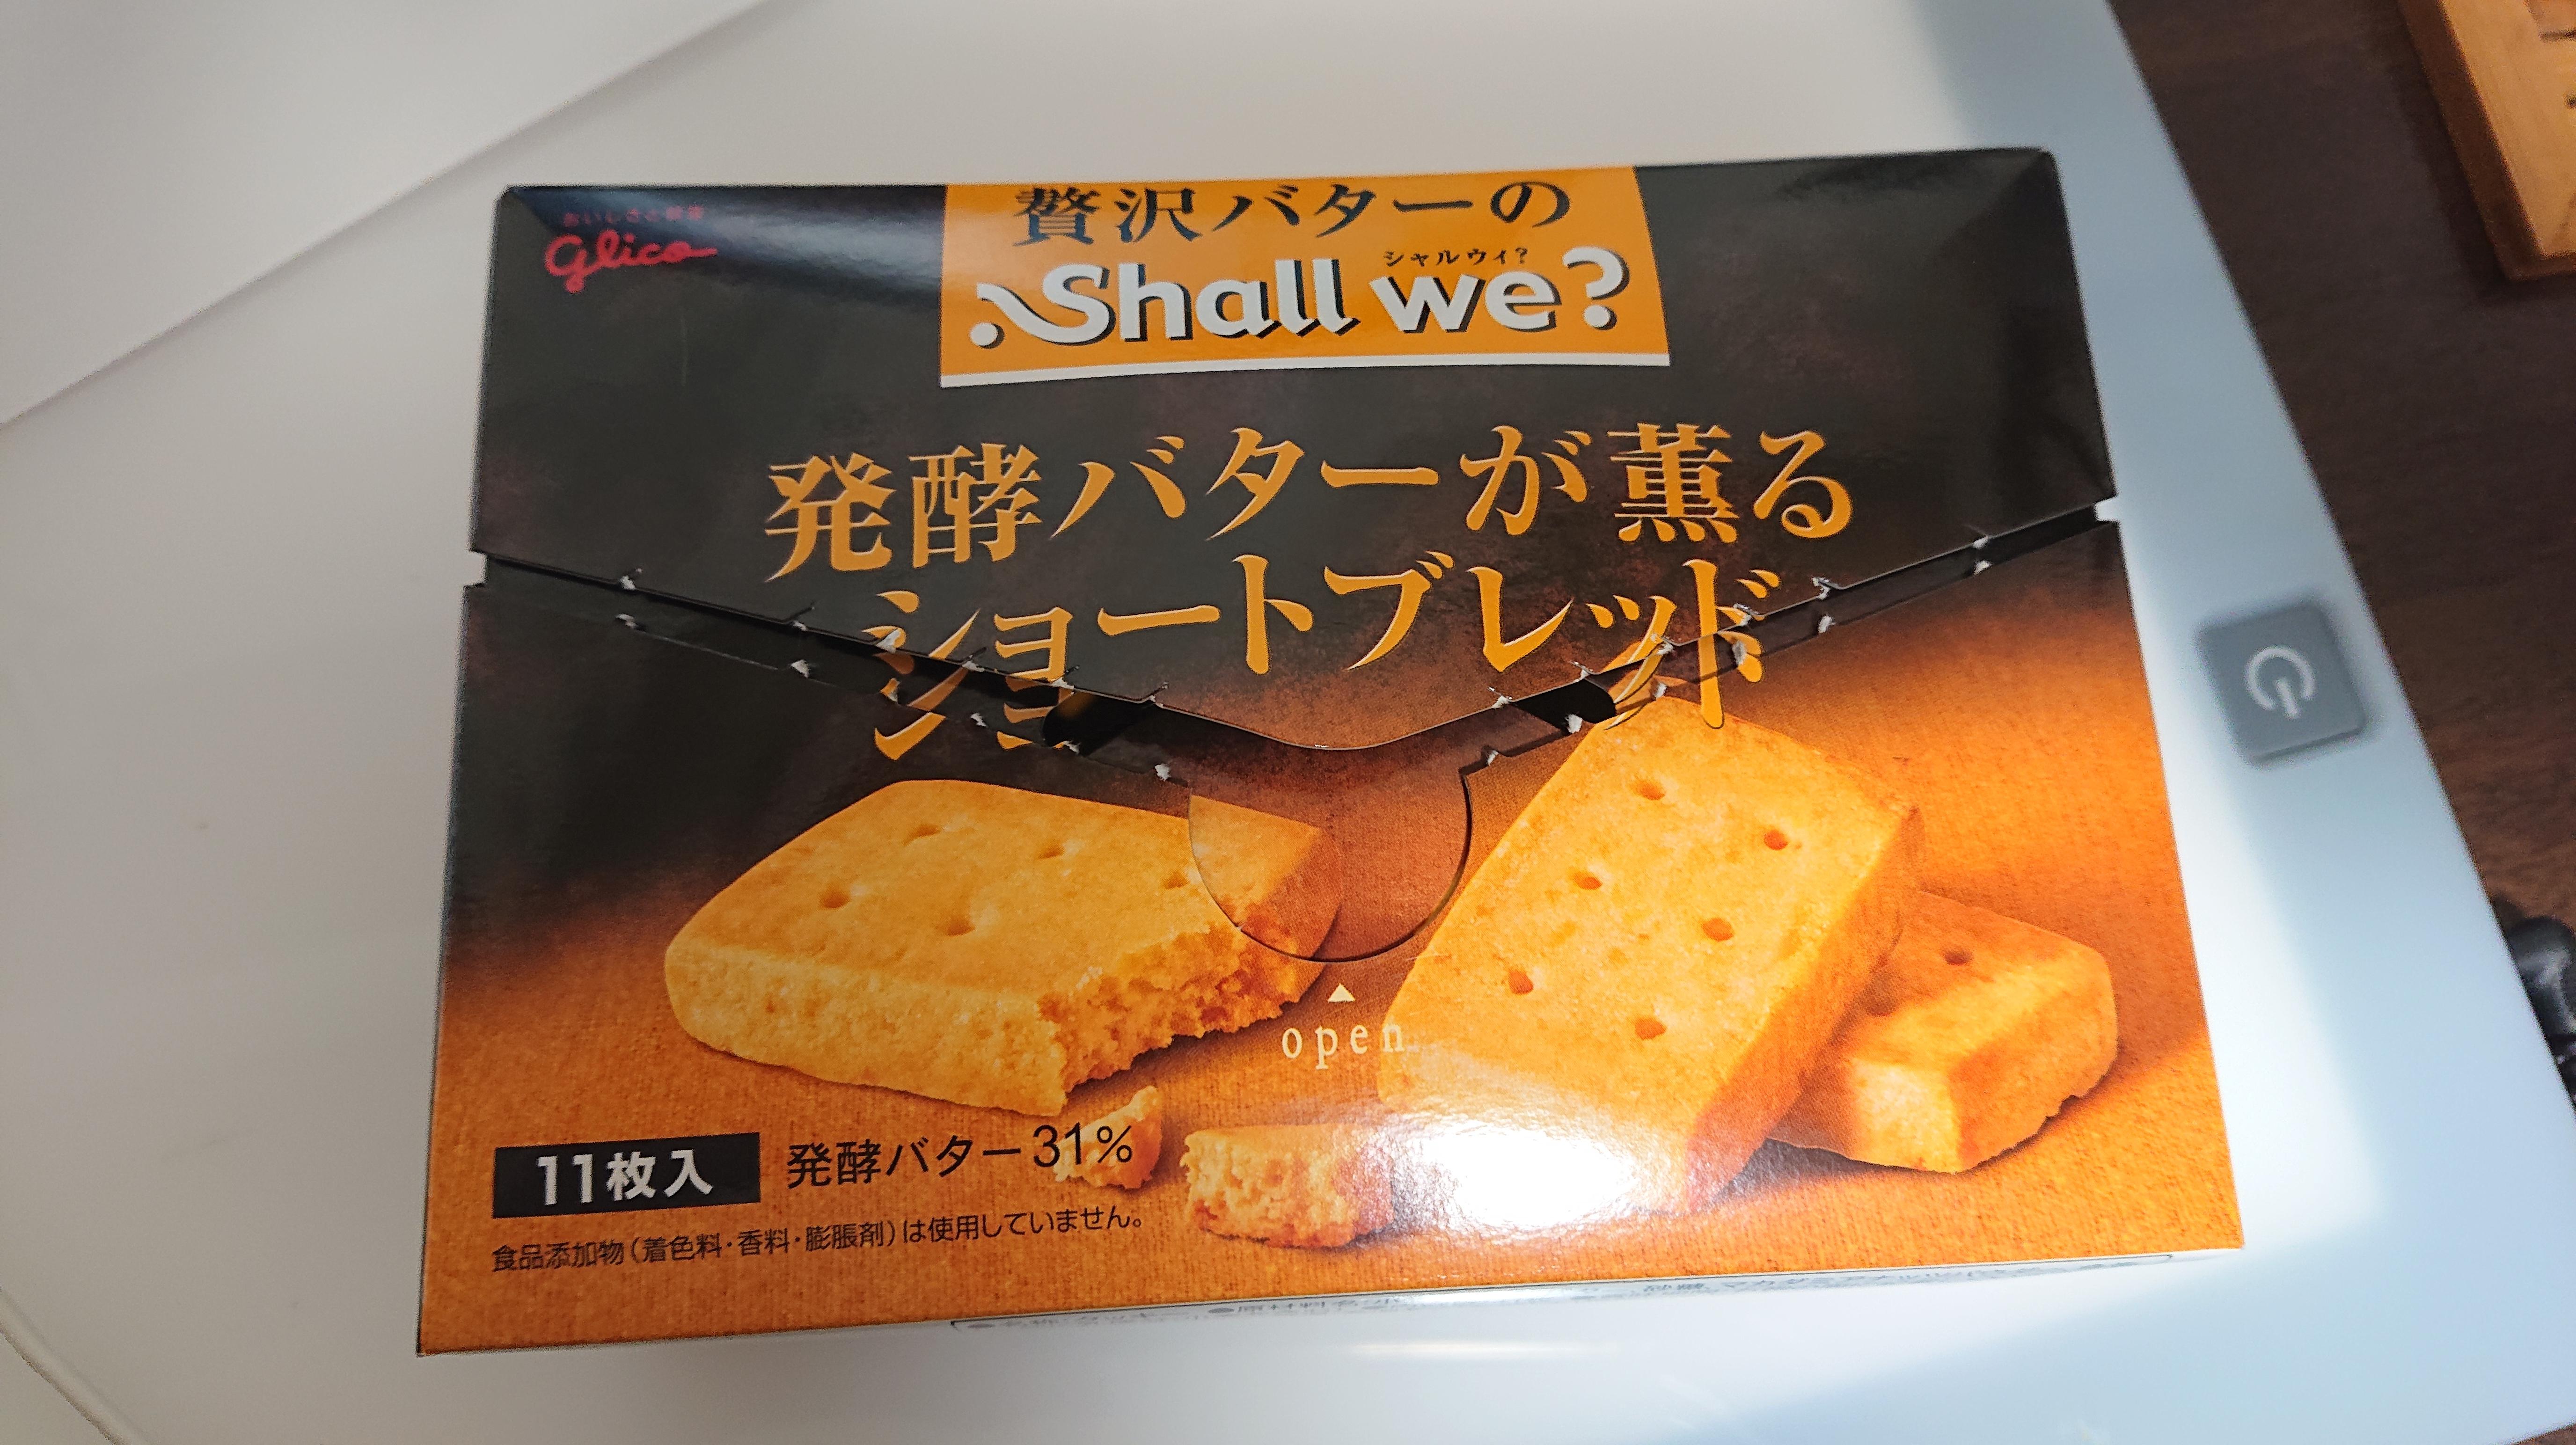 贅沢バターのシャルウィ?がうまい